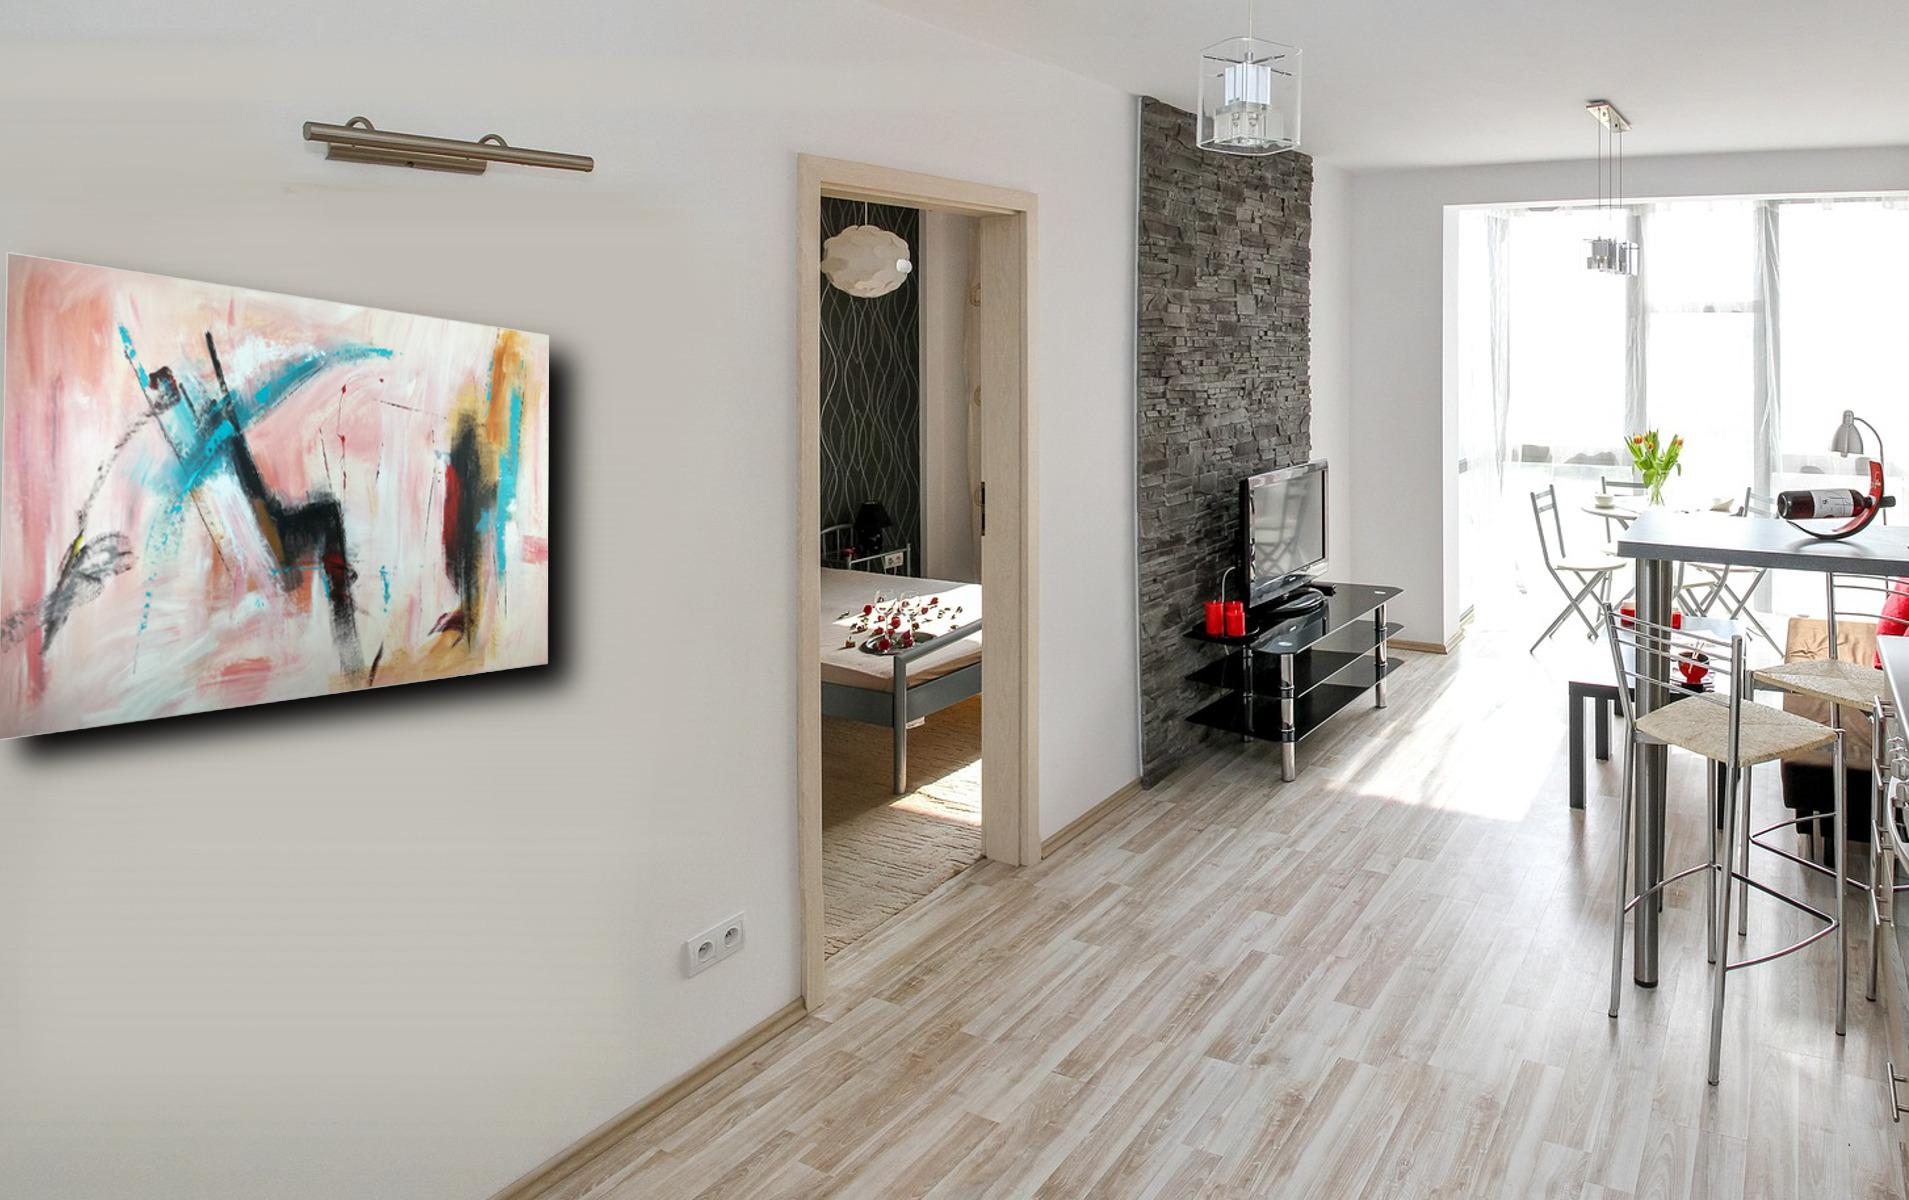 Quadro grande astratto su tela 120x80 per arredamento moderno cucina soggiorno copia sauro bos - Ikea quadri su tela ...